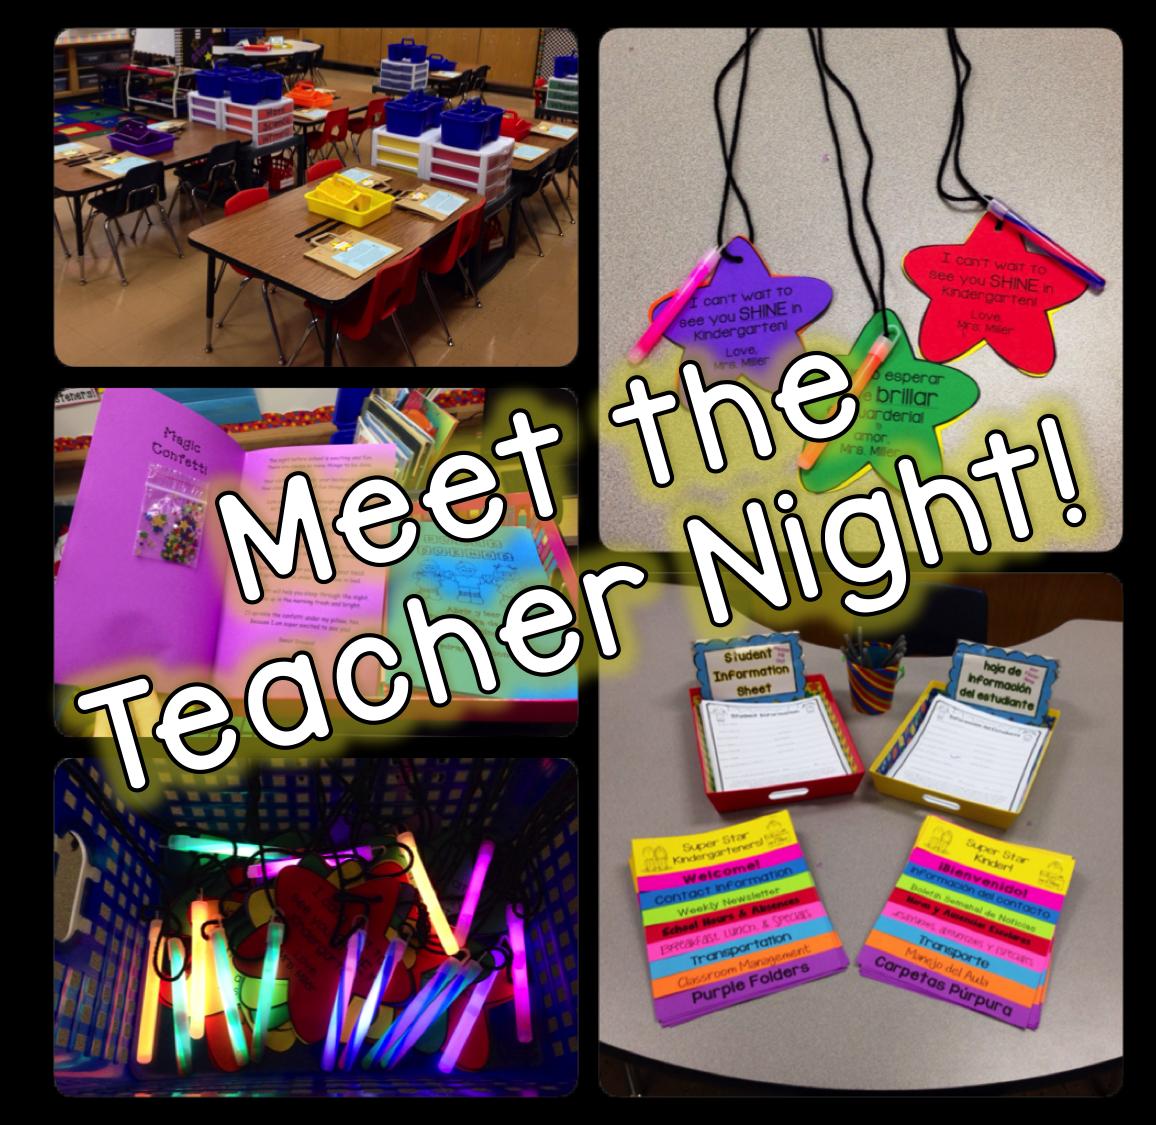 Meet the Teacher Night! & FREEBIES!